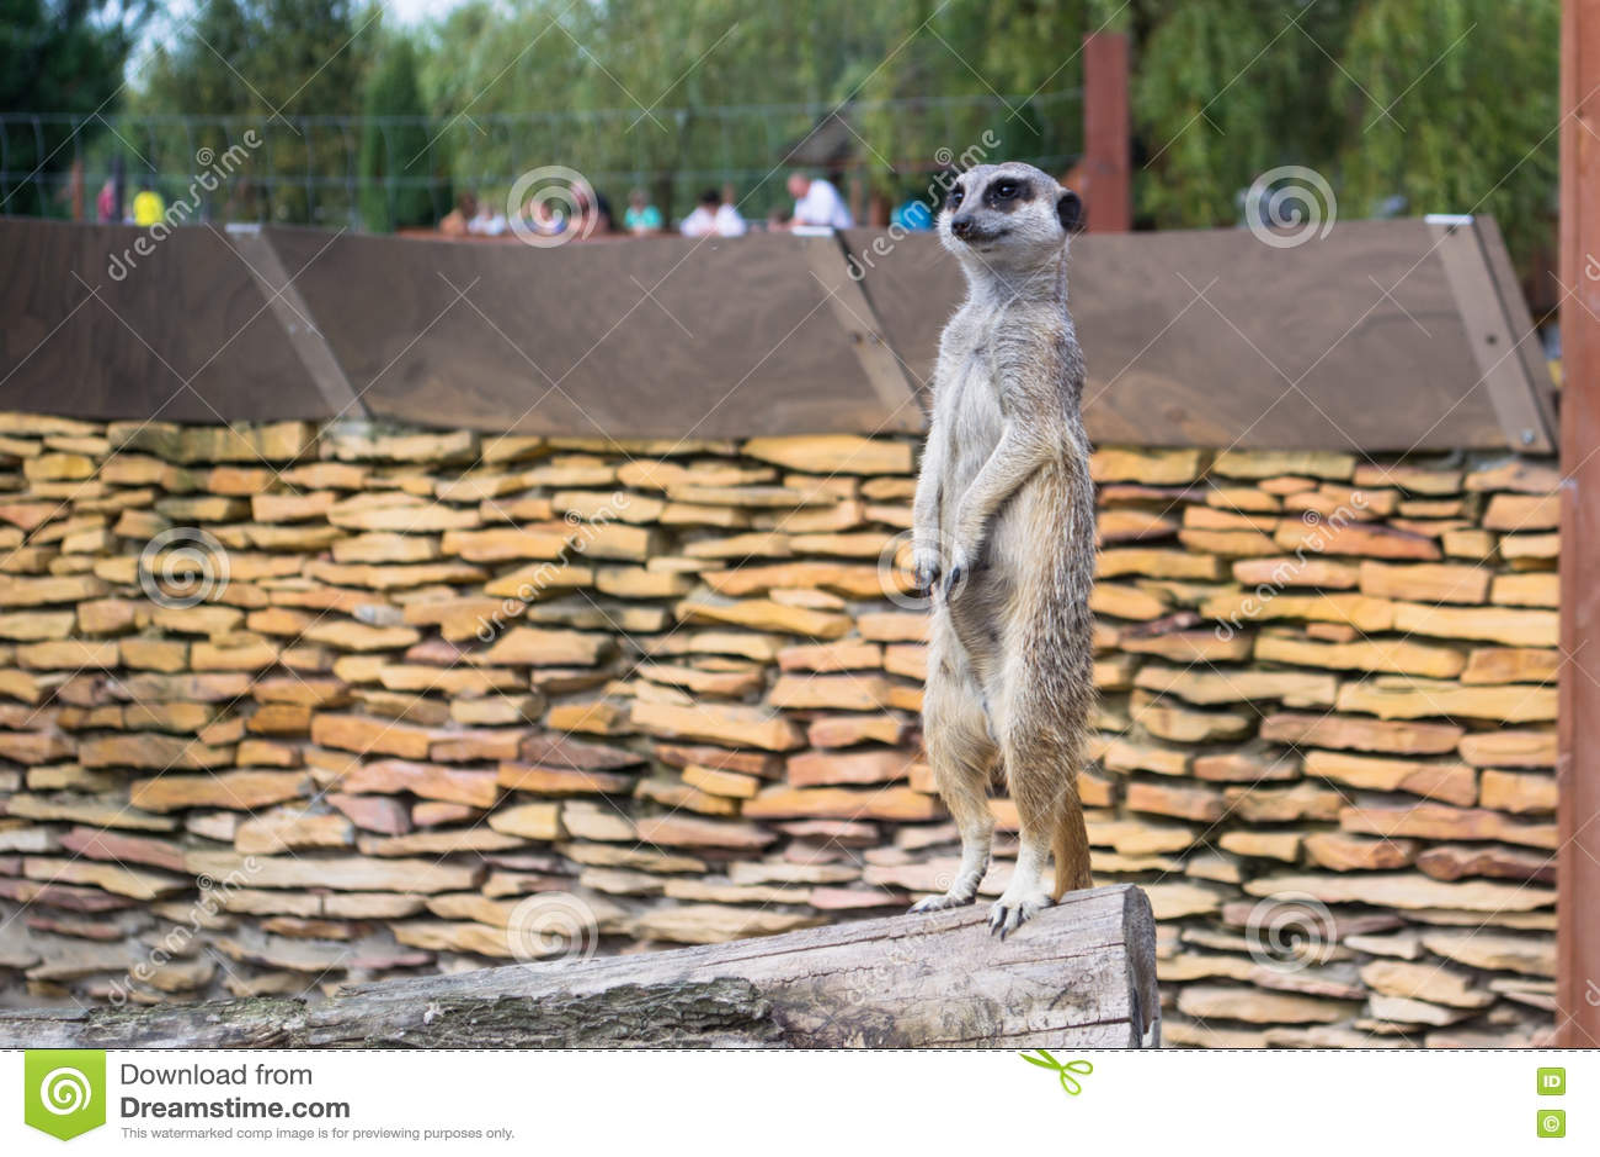 Een meerkat - inwoner van de woestijn